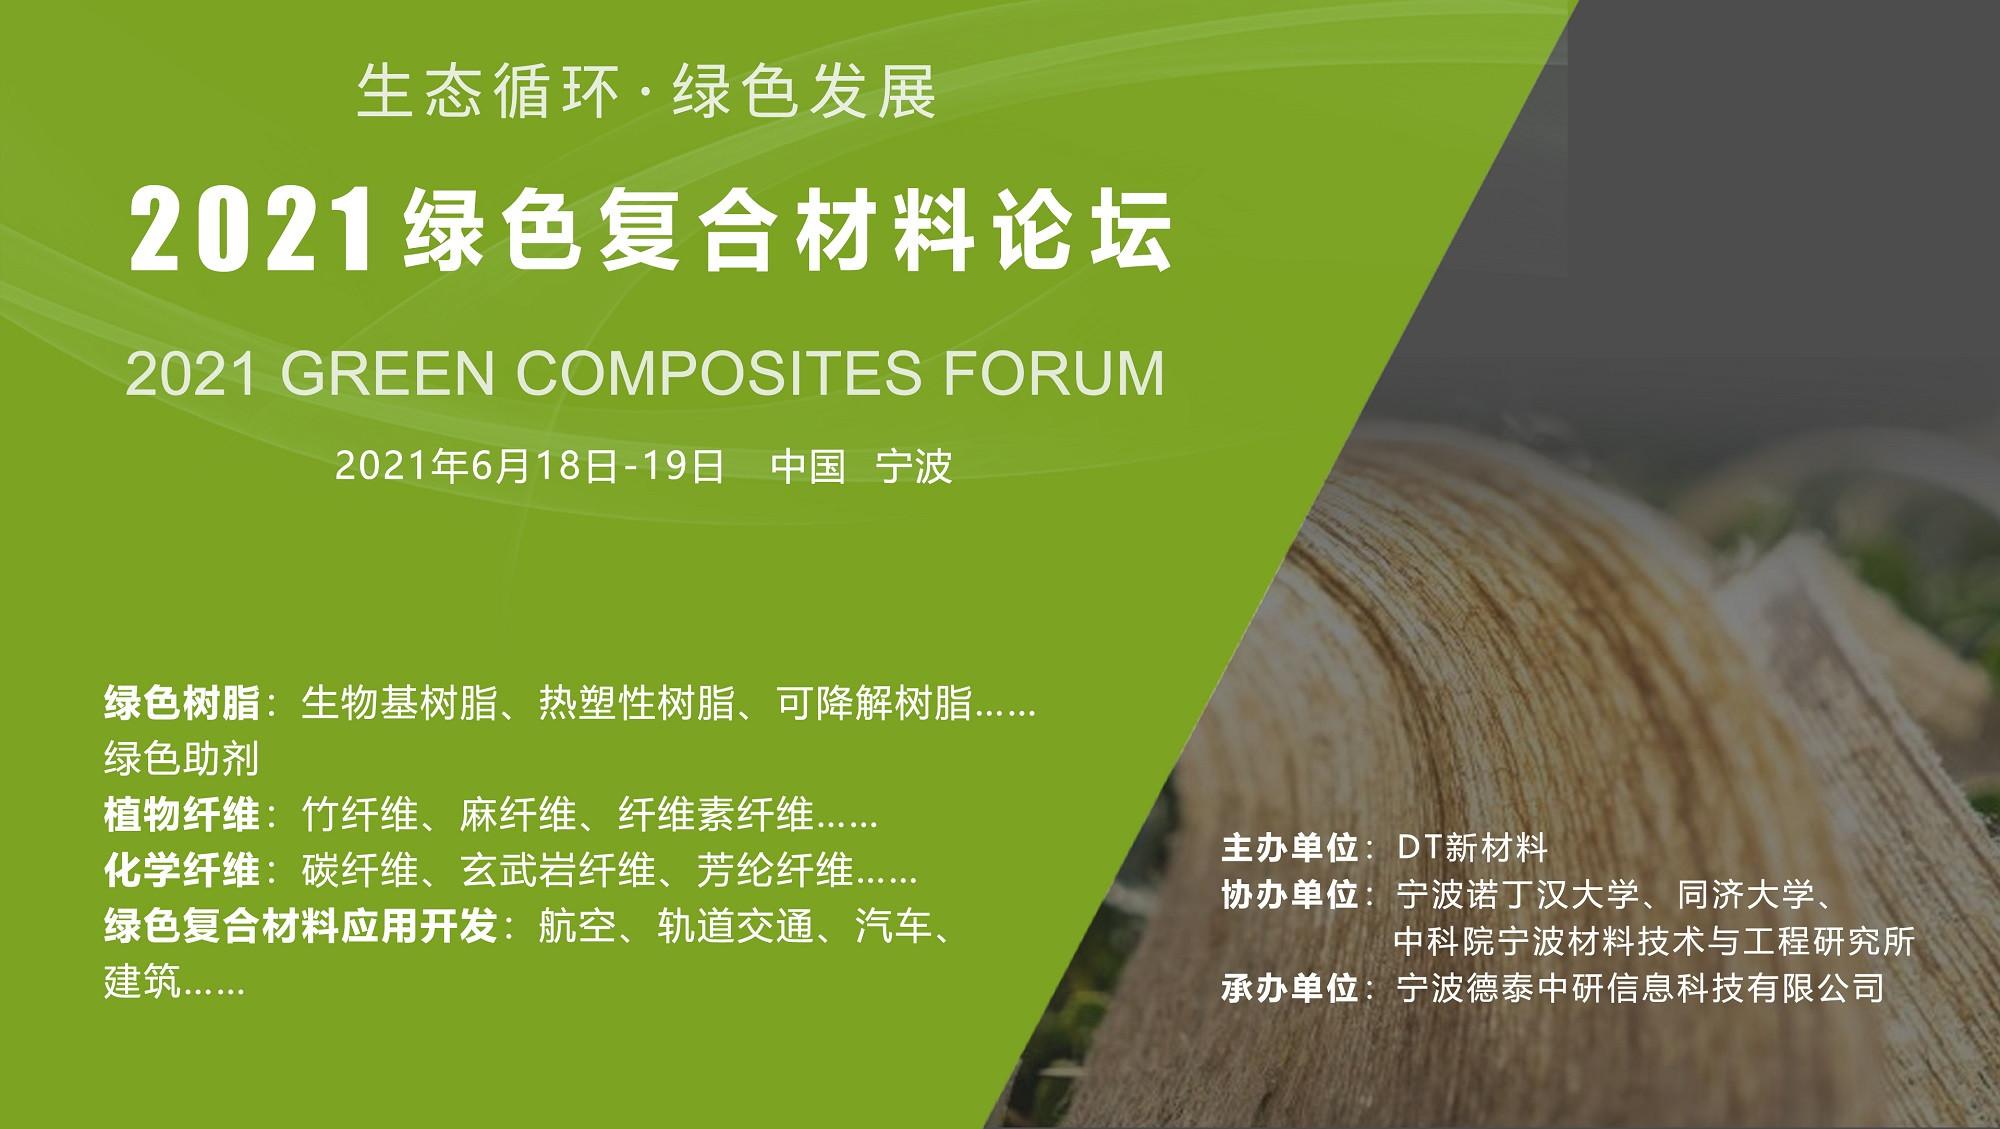 2021绿色复合材料论坛